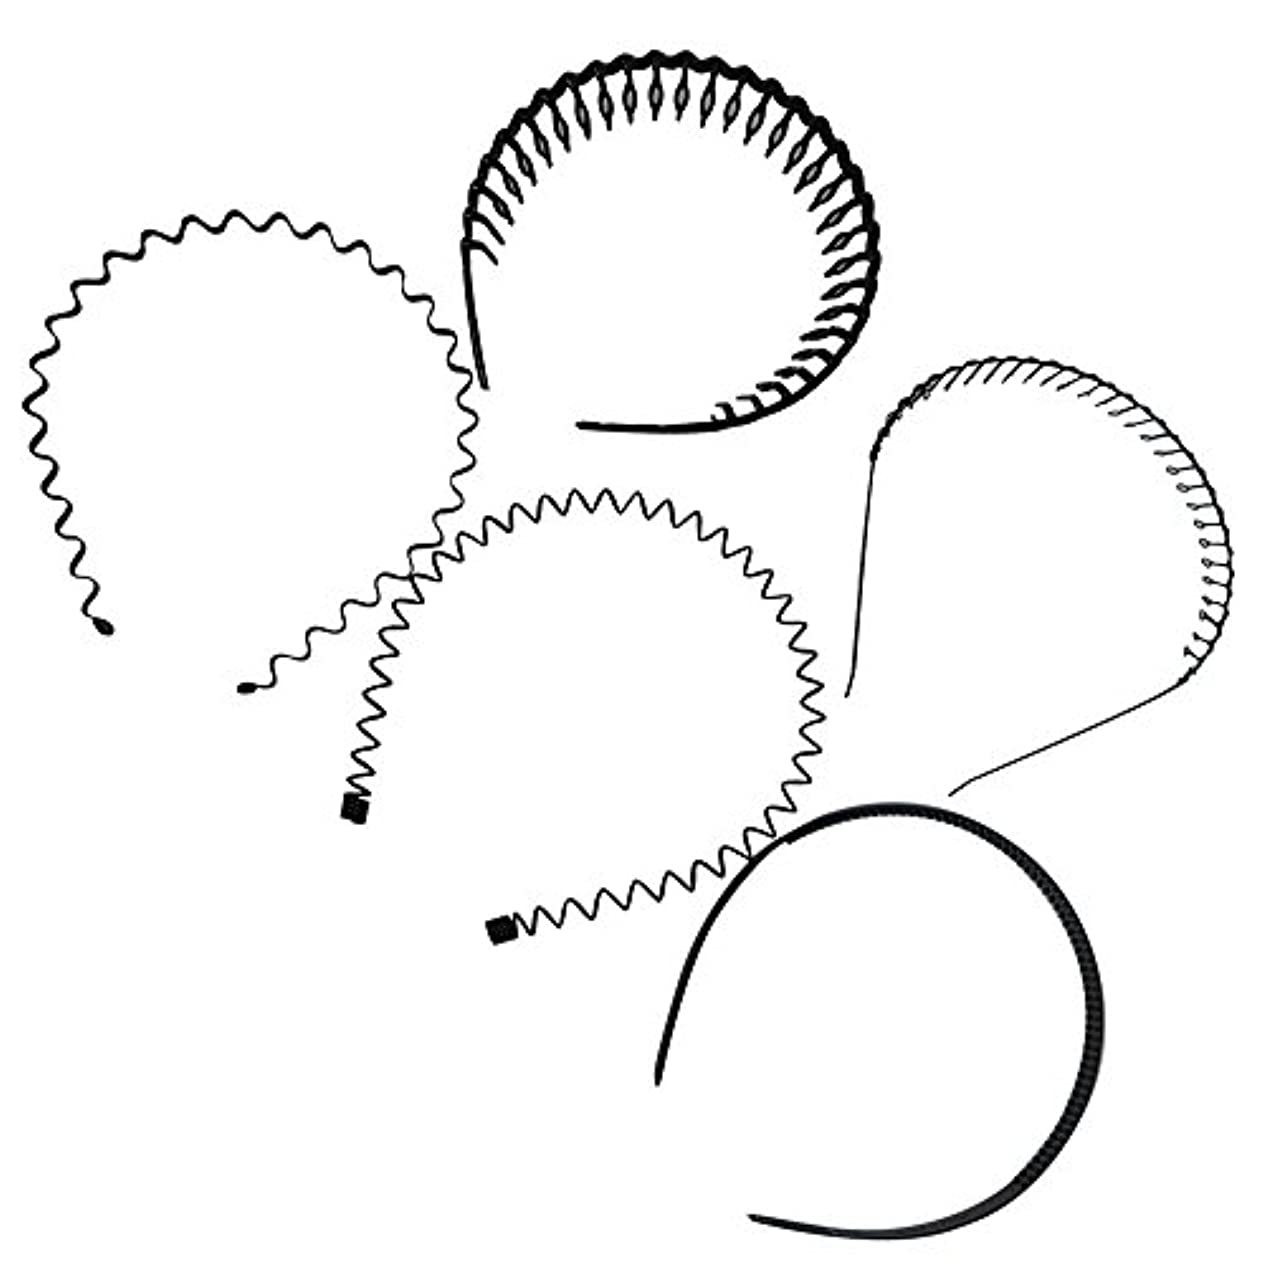 グラス知る鉄Sallex7 ヘアバンド カチューシャ 5本セット 5種入り 男性 女性 兼用 髪留め ヘアアクセサリー